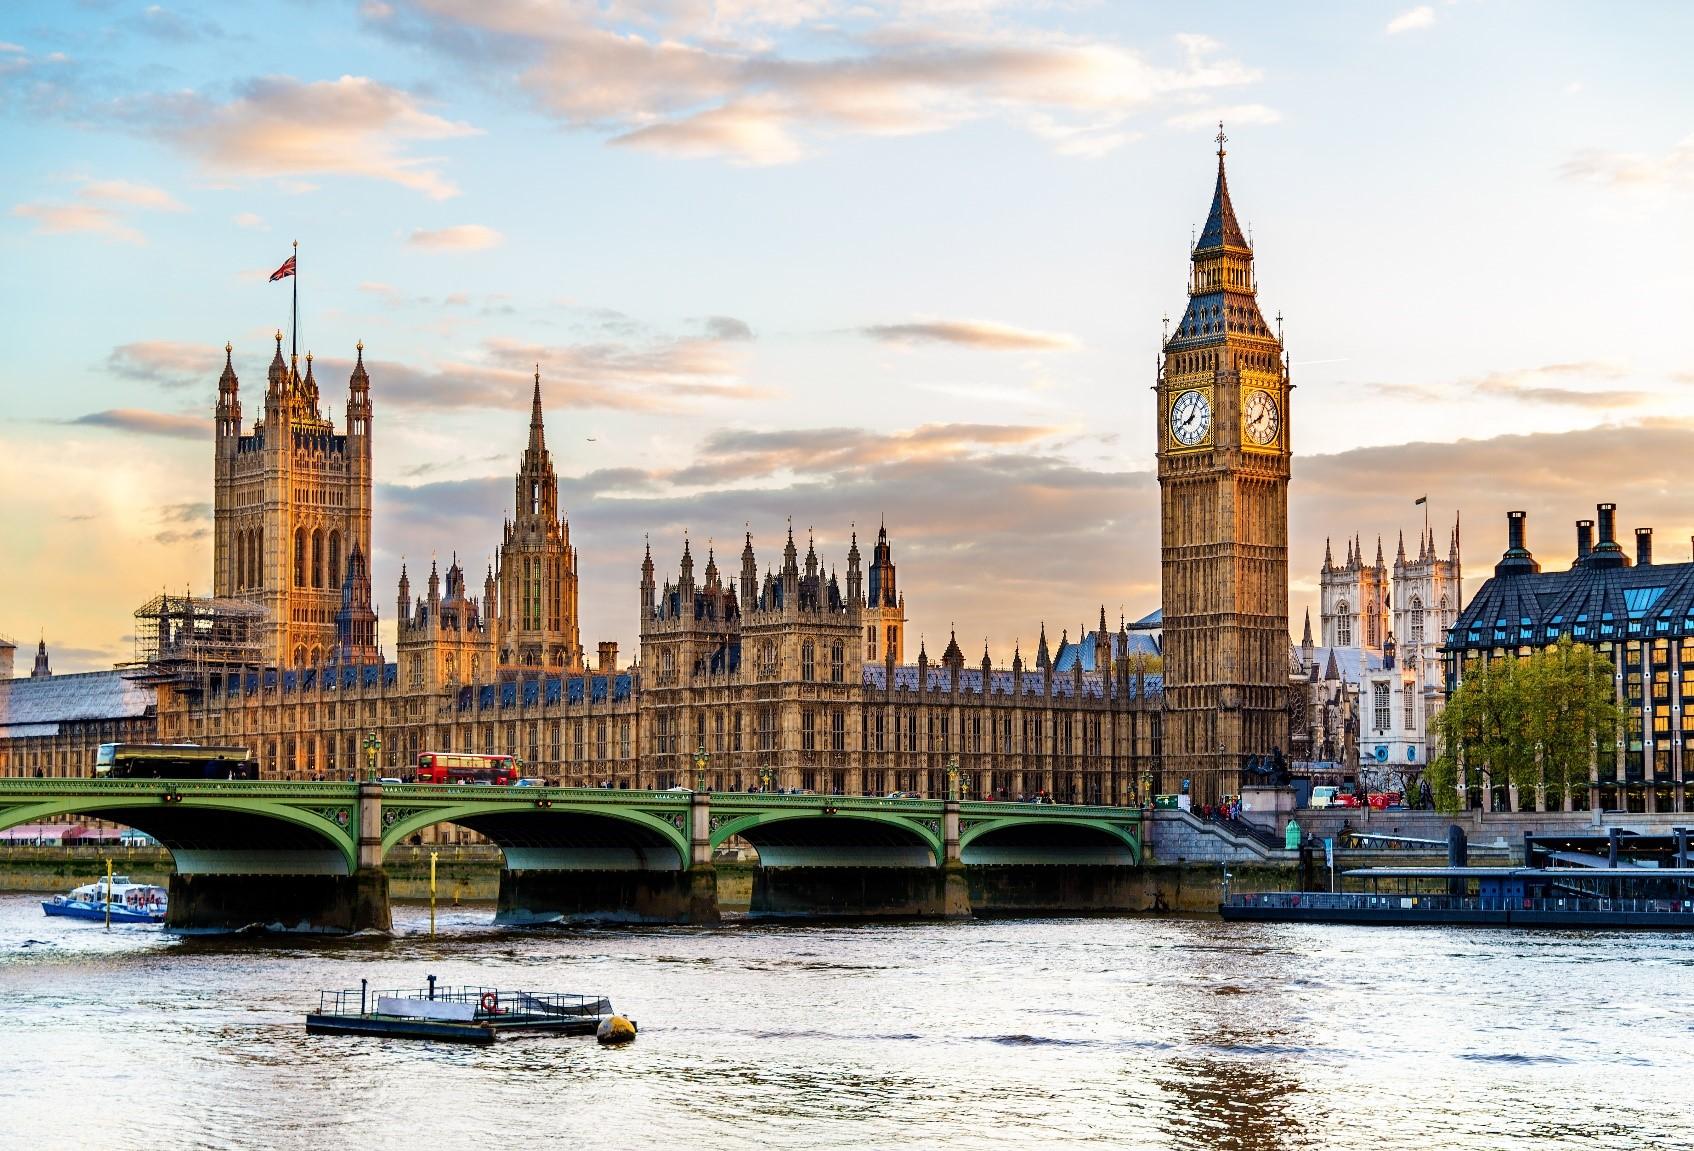 ปีใหม่-ทัวร์ยุโรป-ENGLAND,-ENGLISH-AND-BRITISH-MUSEUM-9วัน-7คืน-(DEC18-JAN19)-GO3LHR-BR003